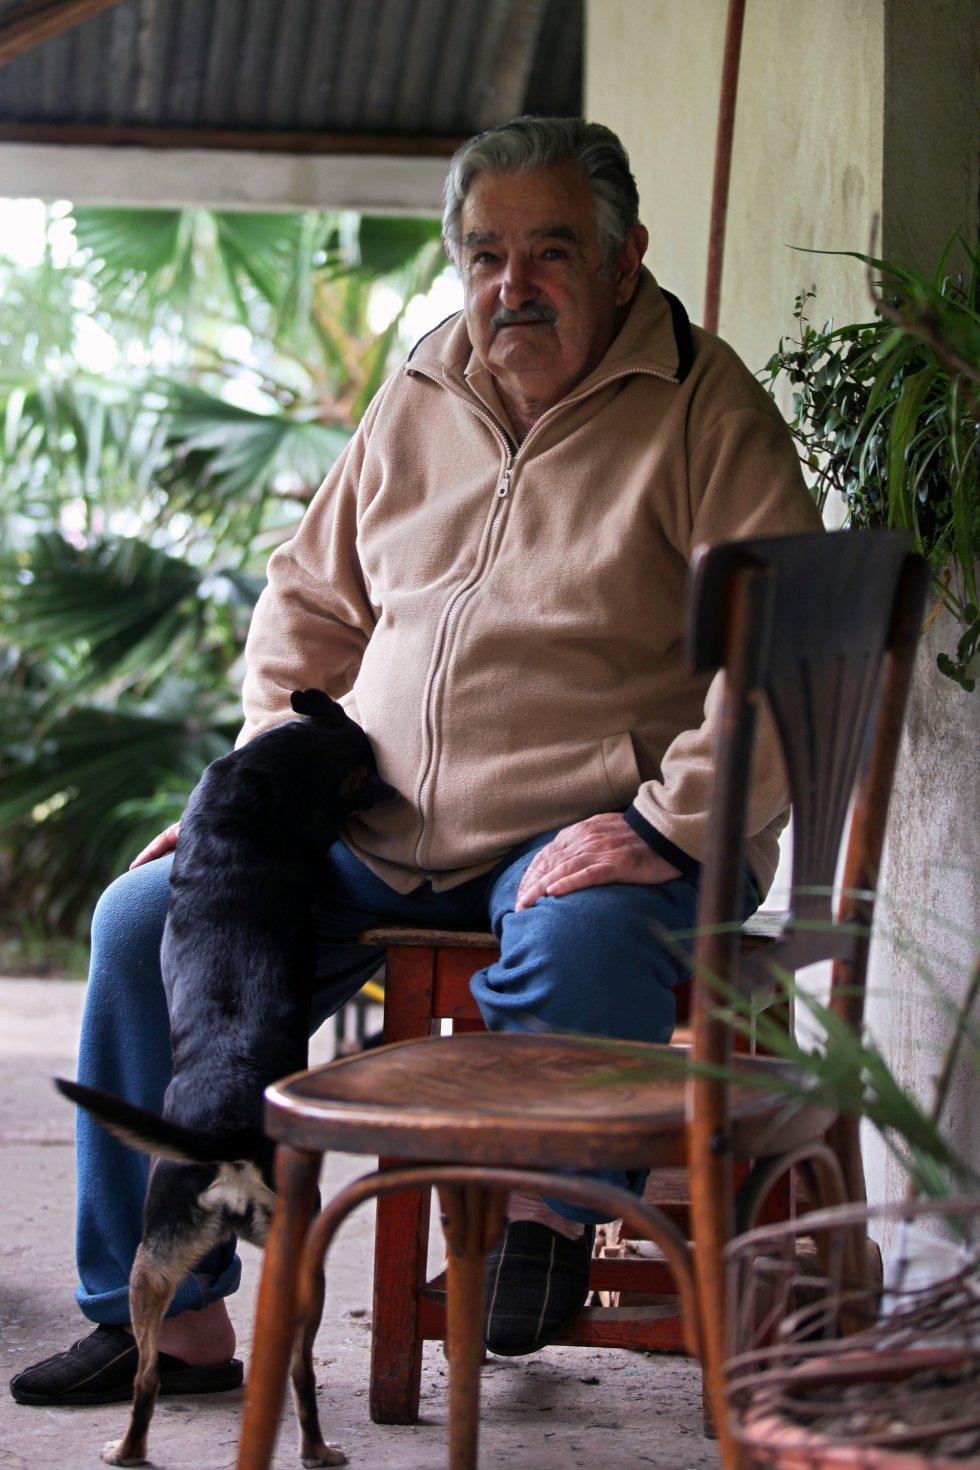 José Mujica, juega con sus perros en su granja en Rincón del Cerro, Montevideo (Uruguay), el 27 de noviembre de 2009, dos días antes de la segunda vuelta de las elecciones presidenciales, cuando era candidato del partido Frente Amplio.